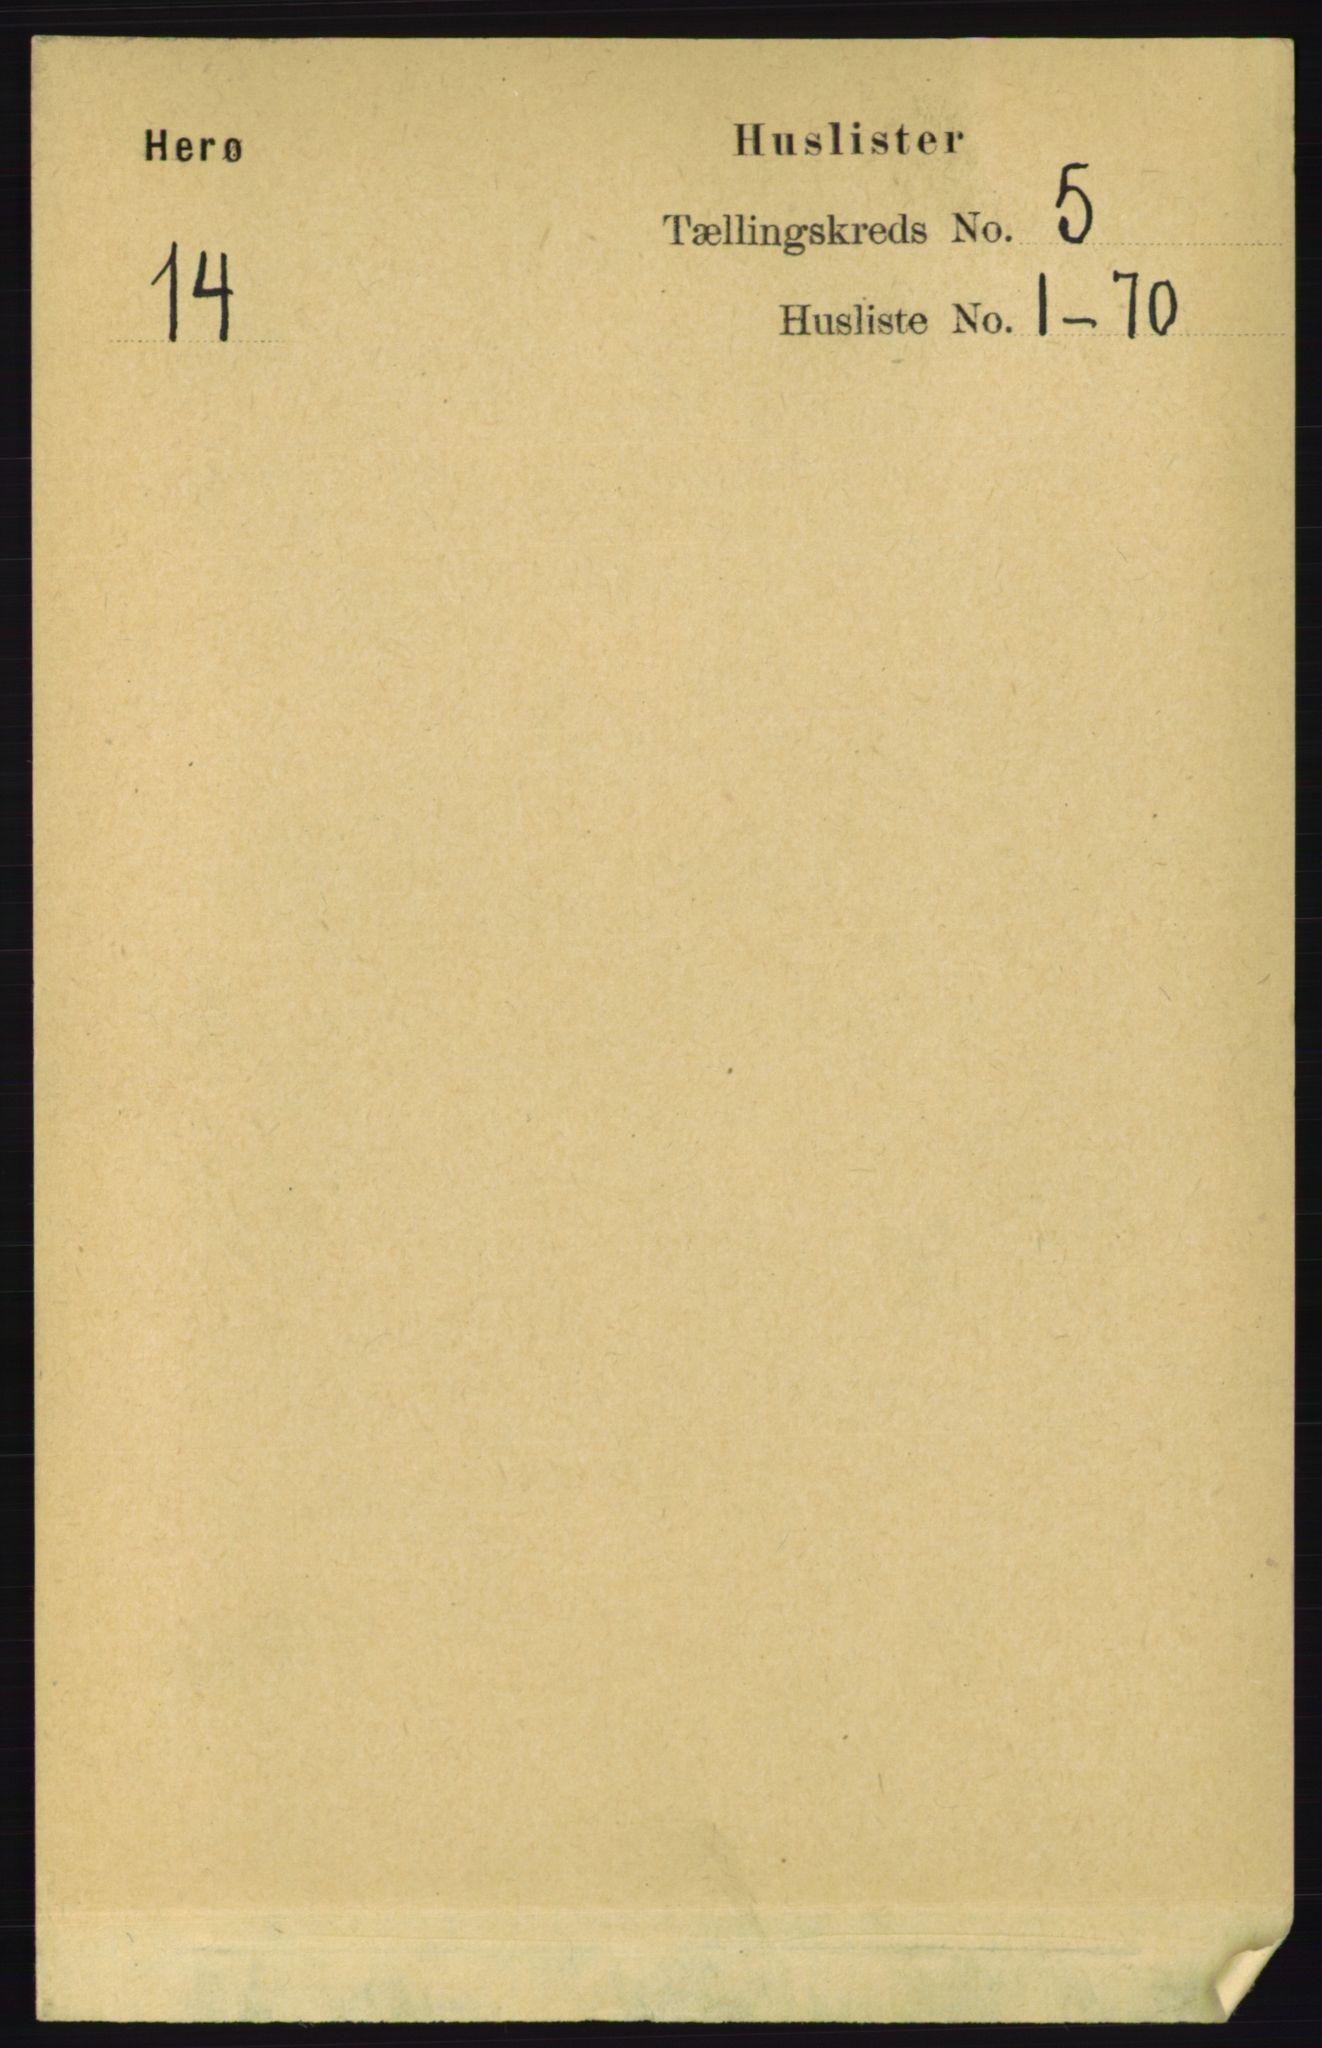 RA, Folketelling 1891 for 1818 Herøy herred, 1891, s. 1327